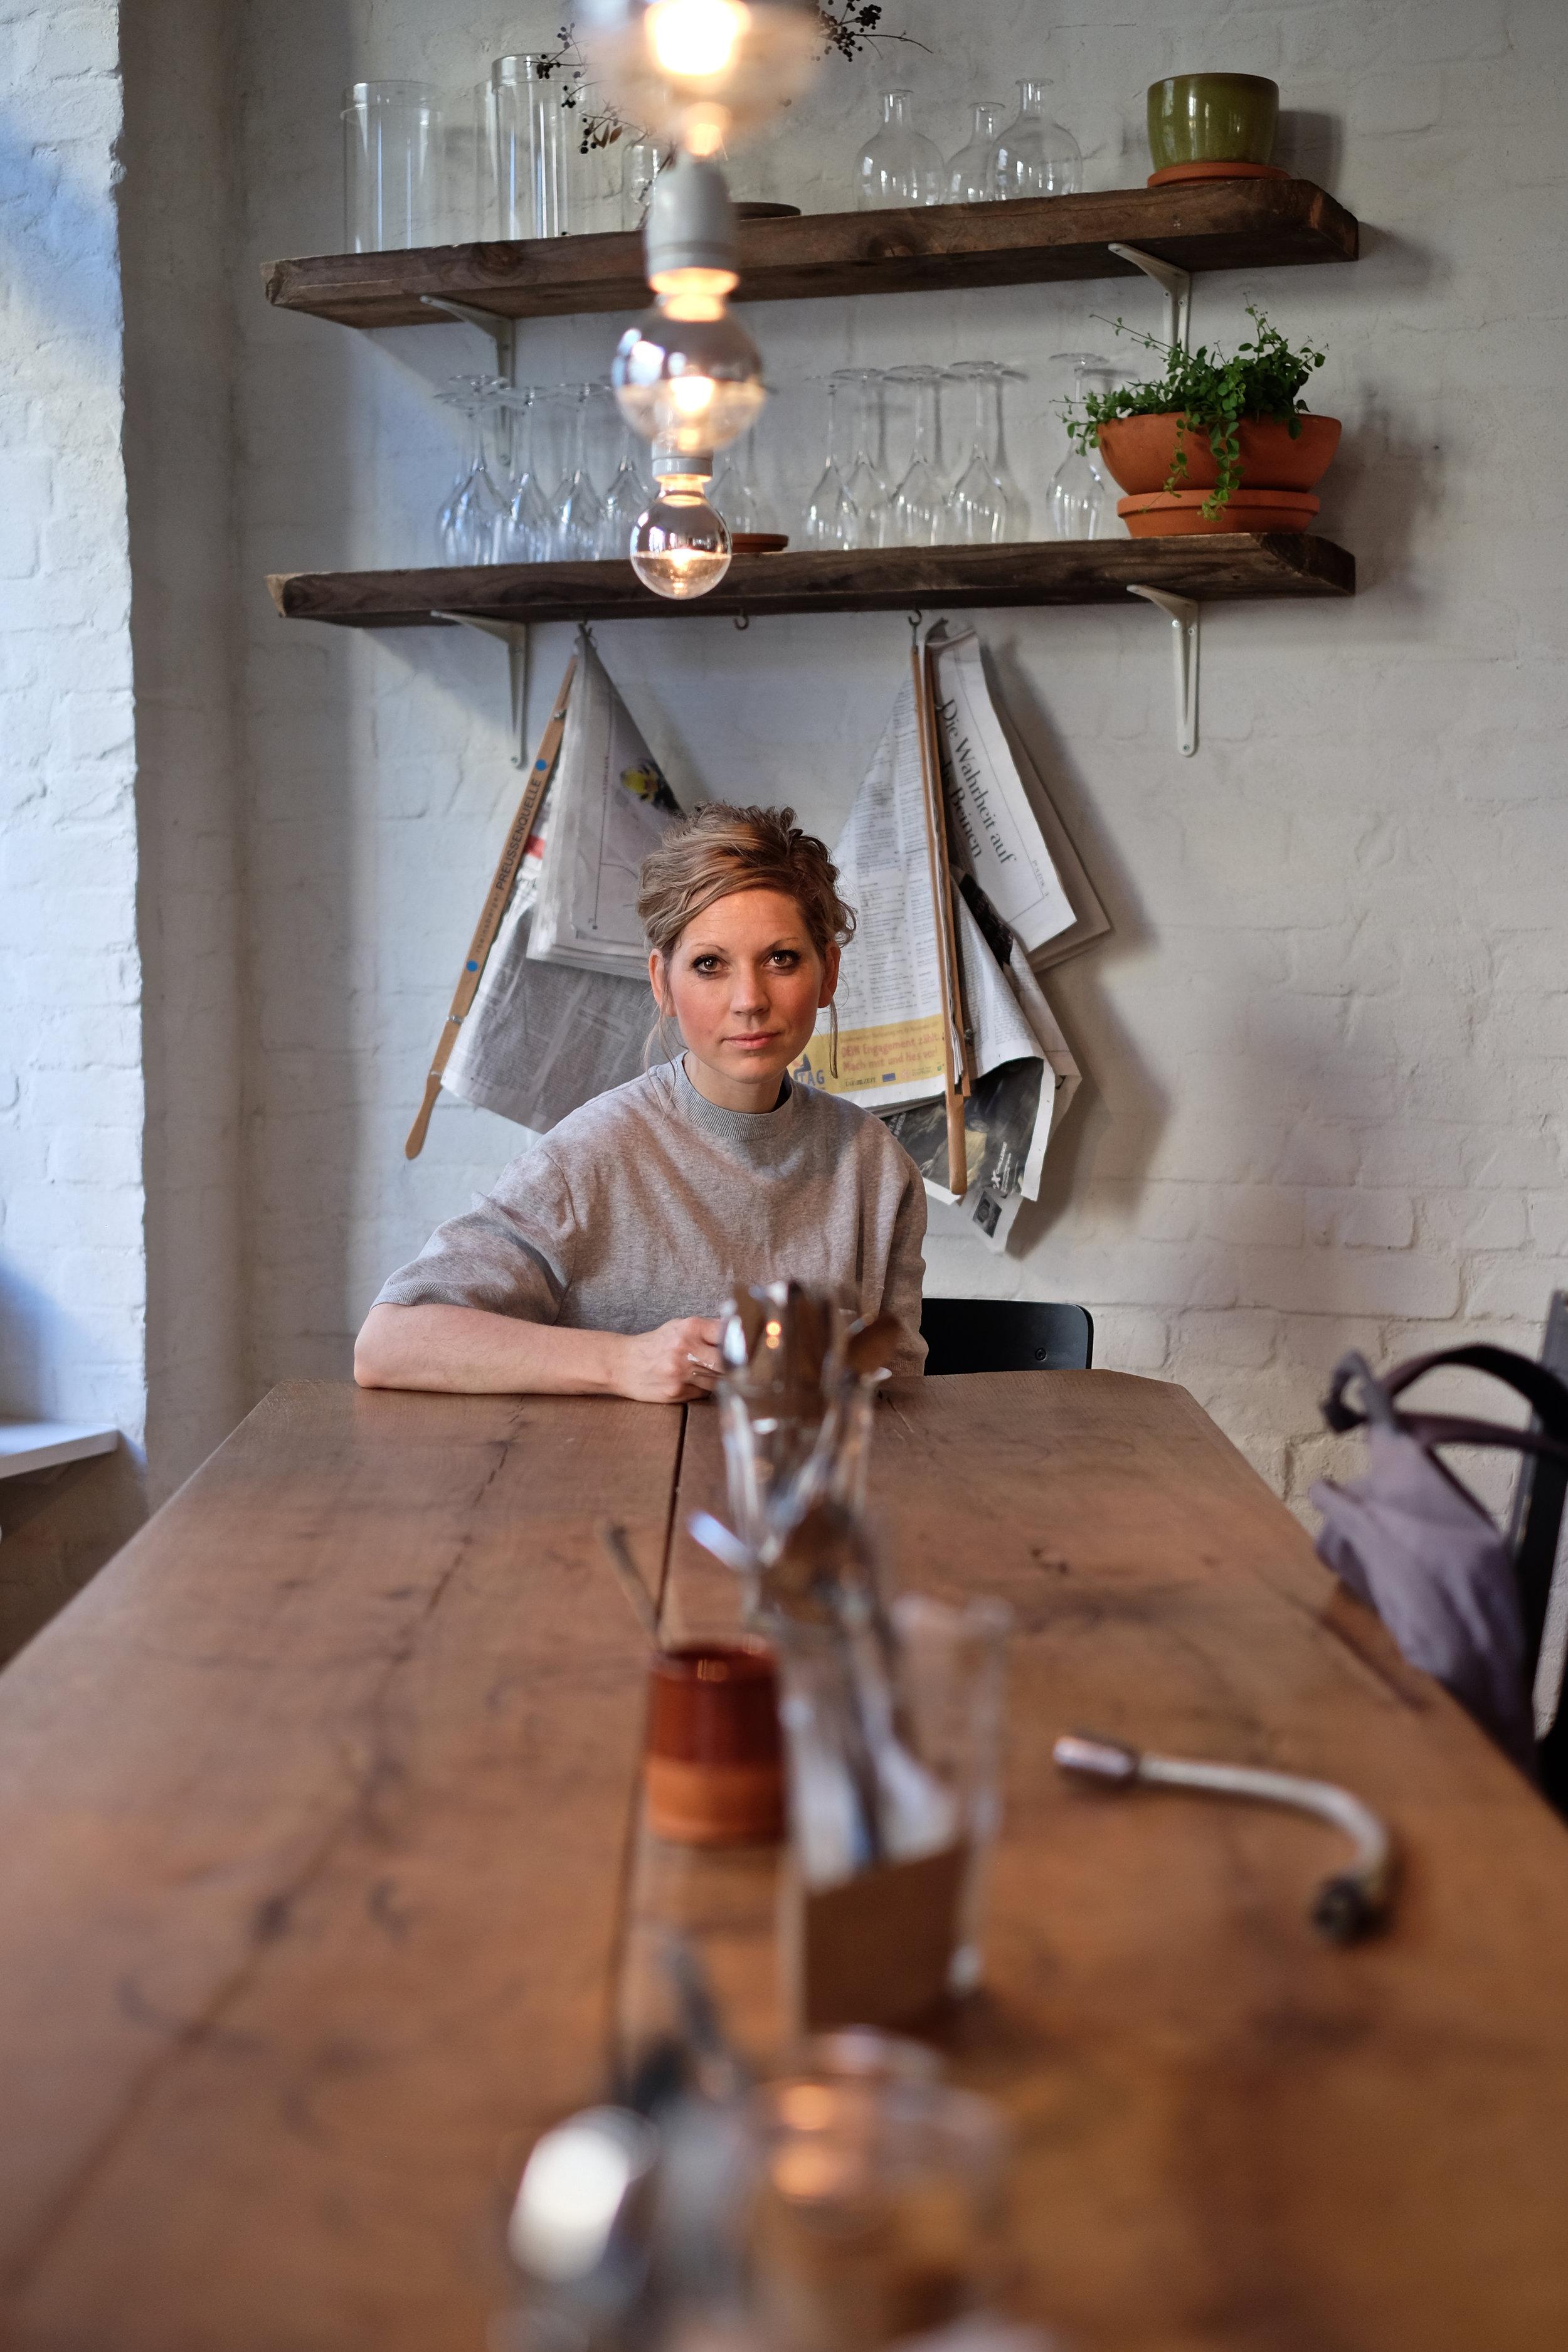 Sarah Hallmann - Sarah Hallmann hat 2016 das Restaurant und Café Hallmann & Klee in Berlin eröffnet, das inzwischen zu den beliebtesten Frühstücks-Hotspots der Stadt gehört.www.hallmann-klee.de